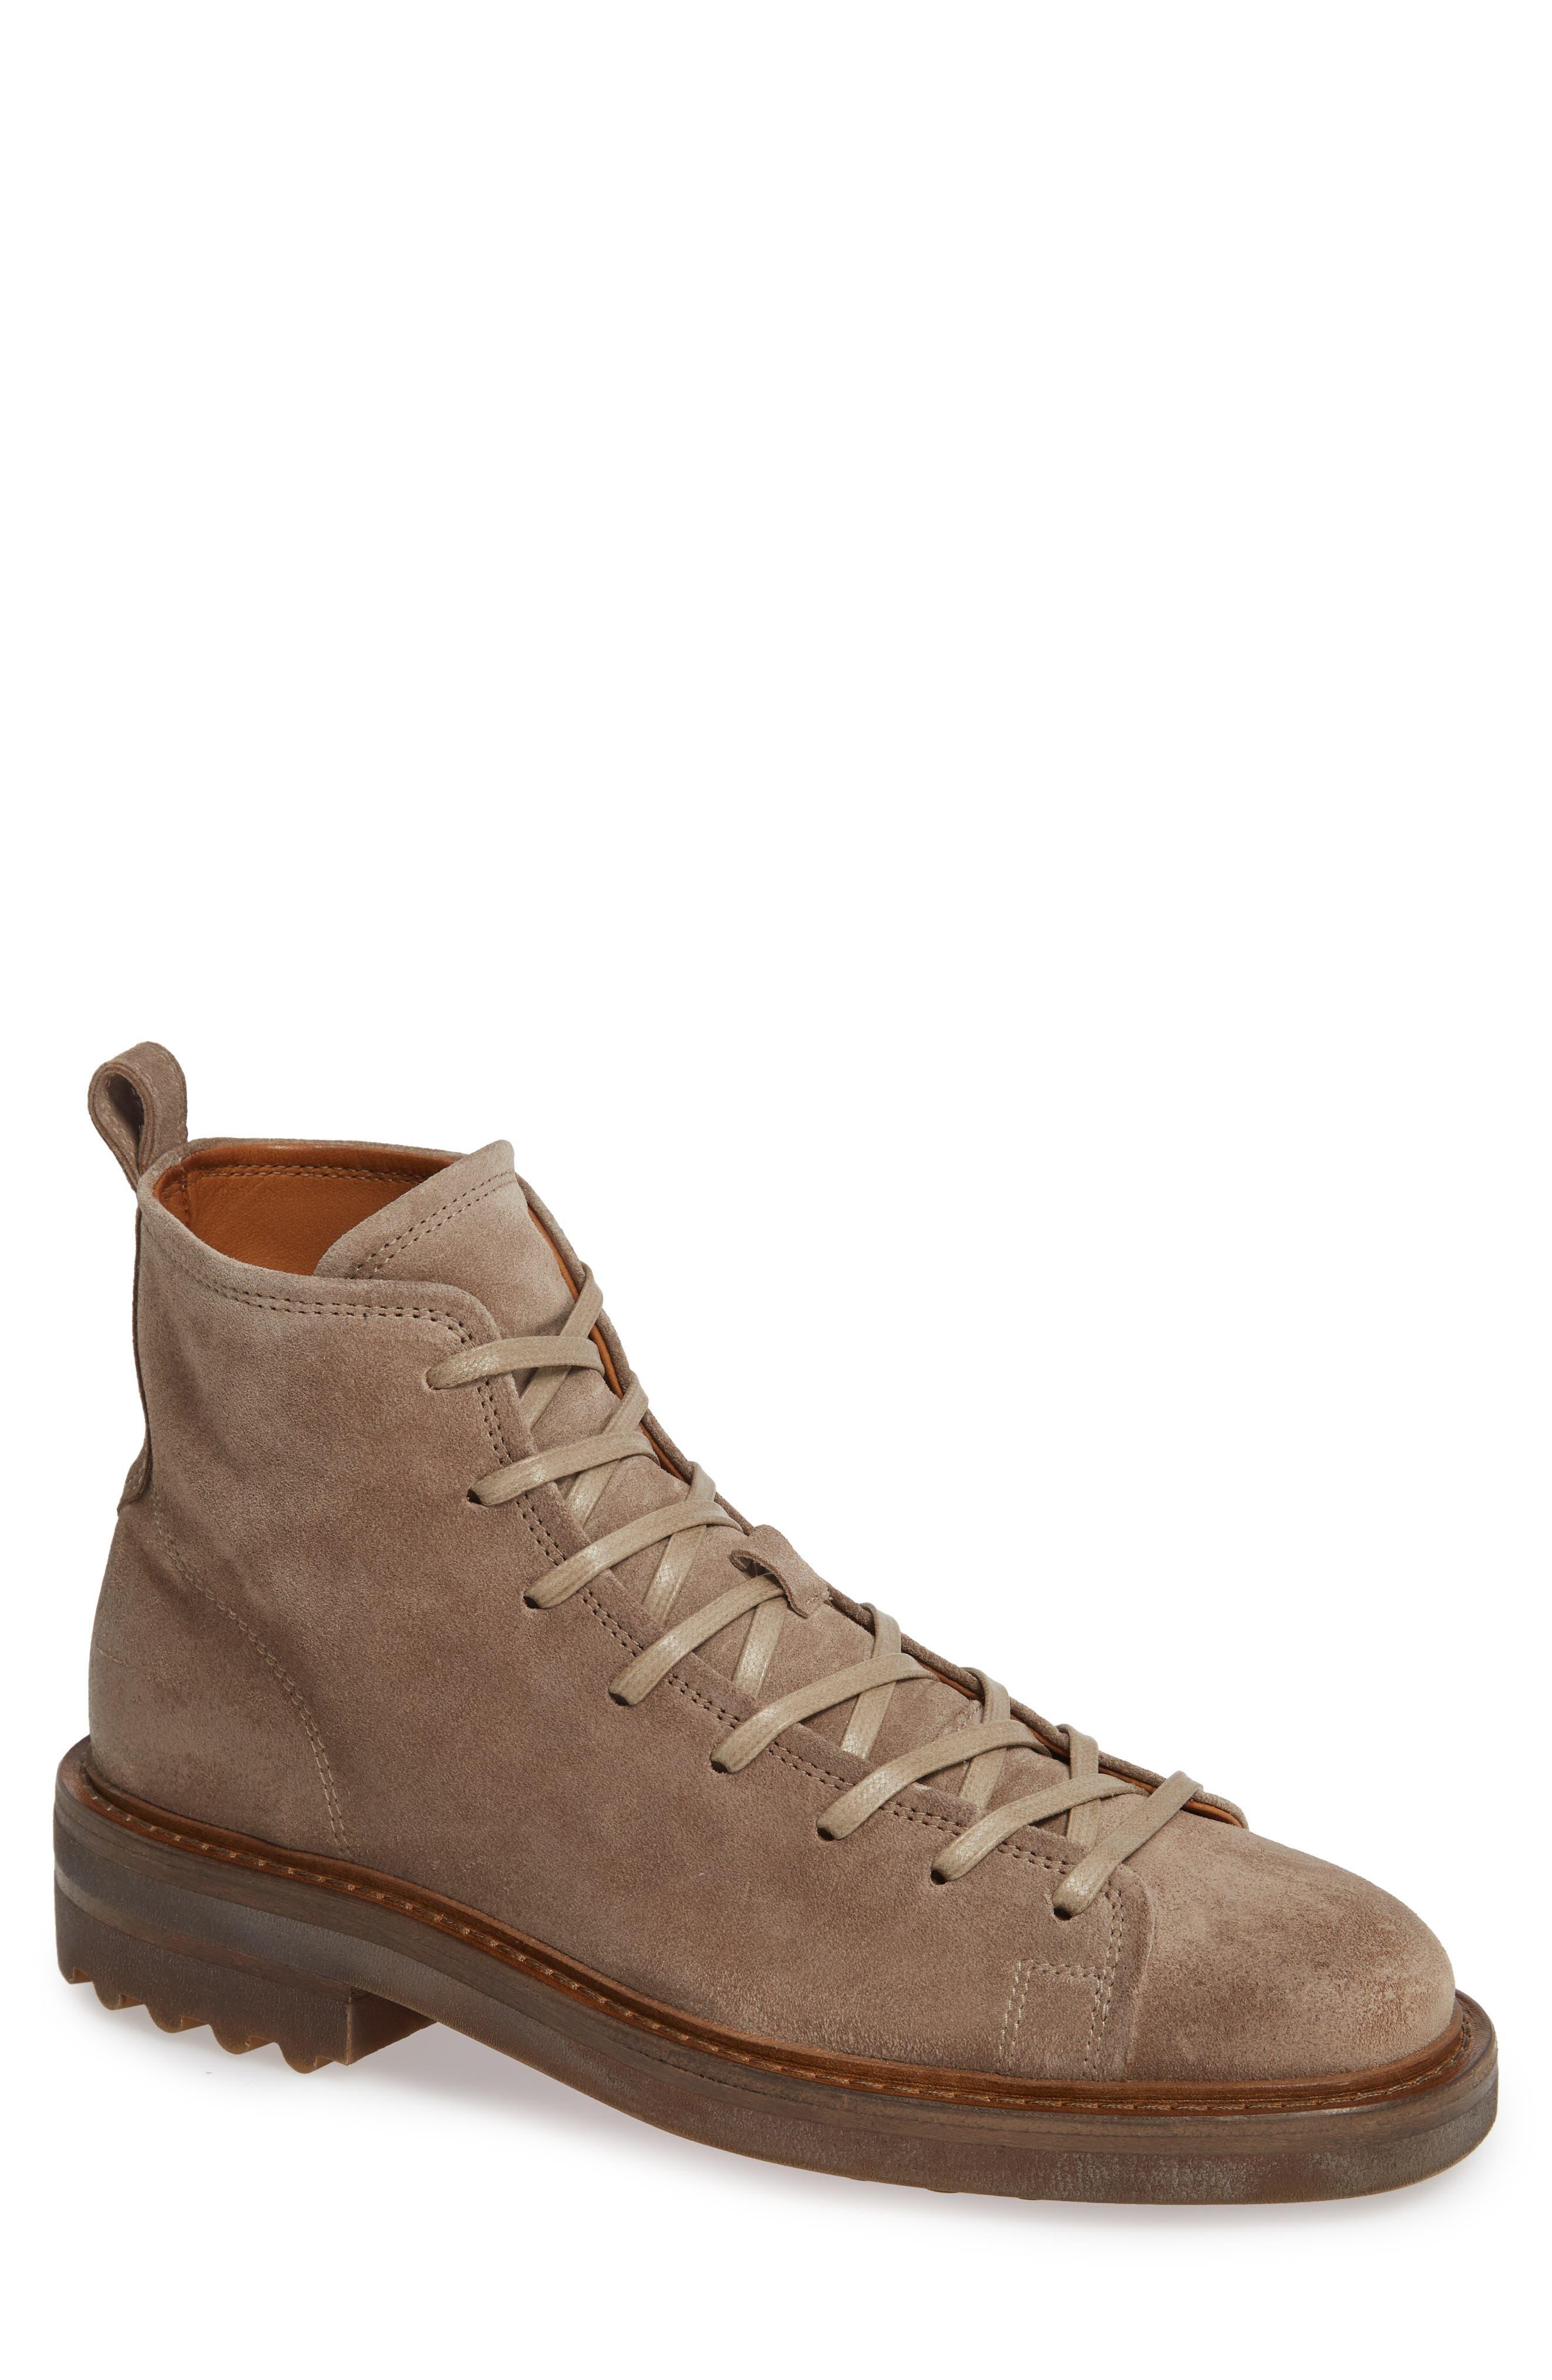 John Varvatos Collection Essex Plain Toe Boot, Brown